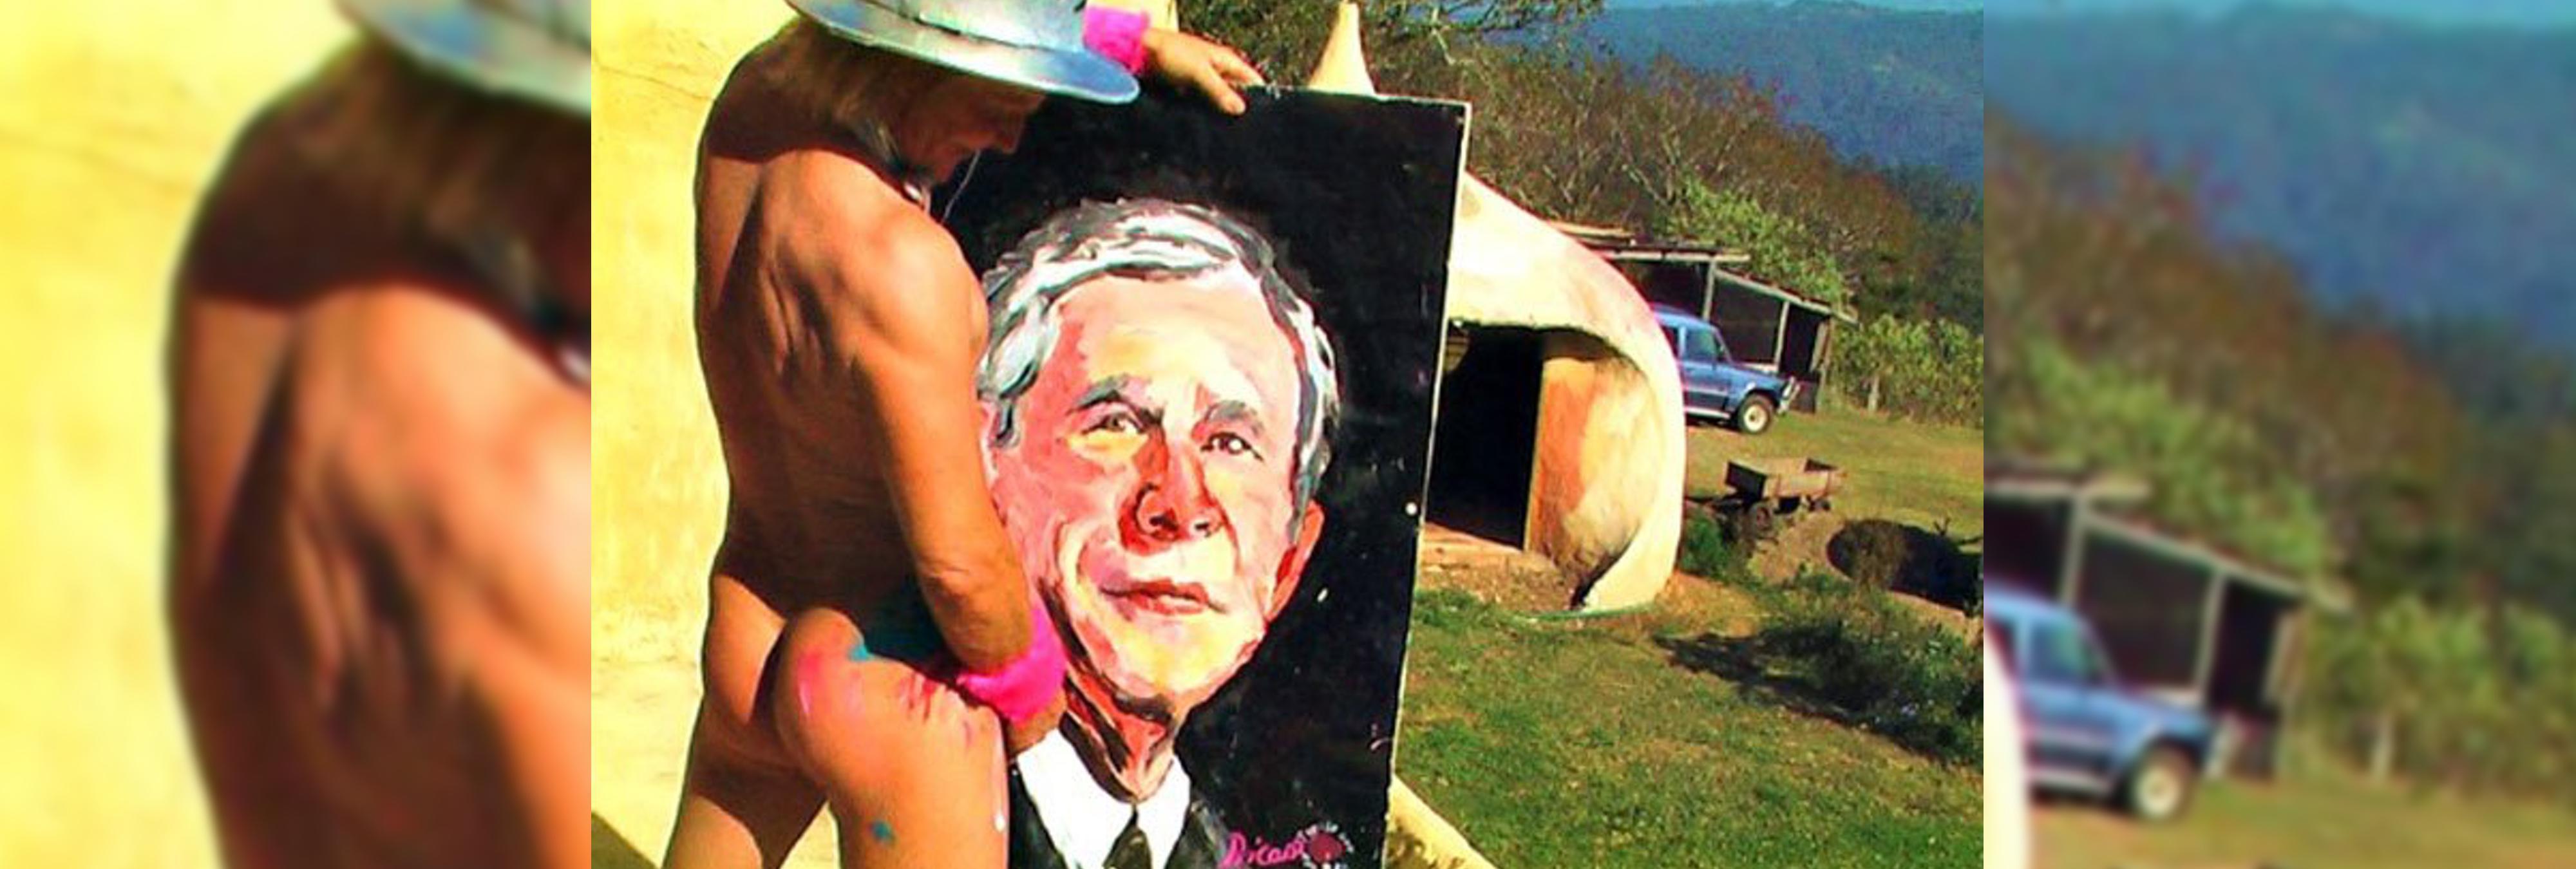 Pricasso, el pintor que dibuja retratos con su pene